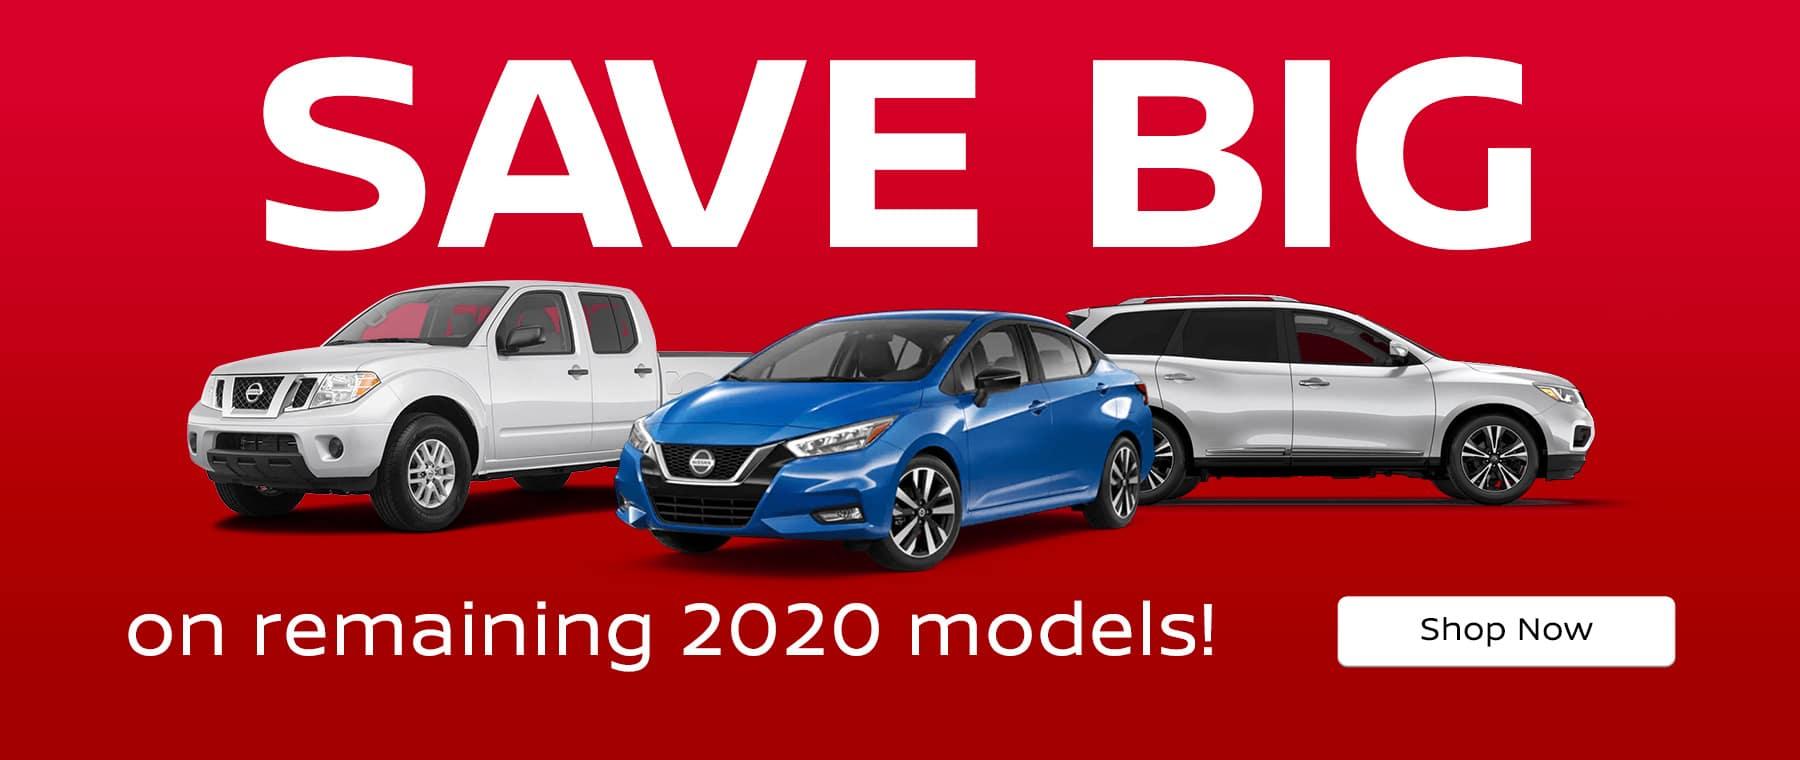 Save Big on 2020 Models